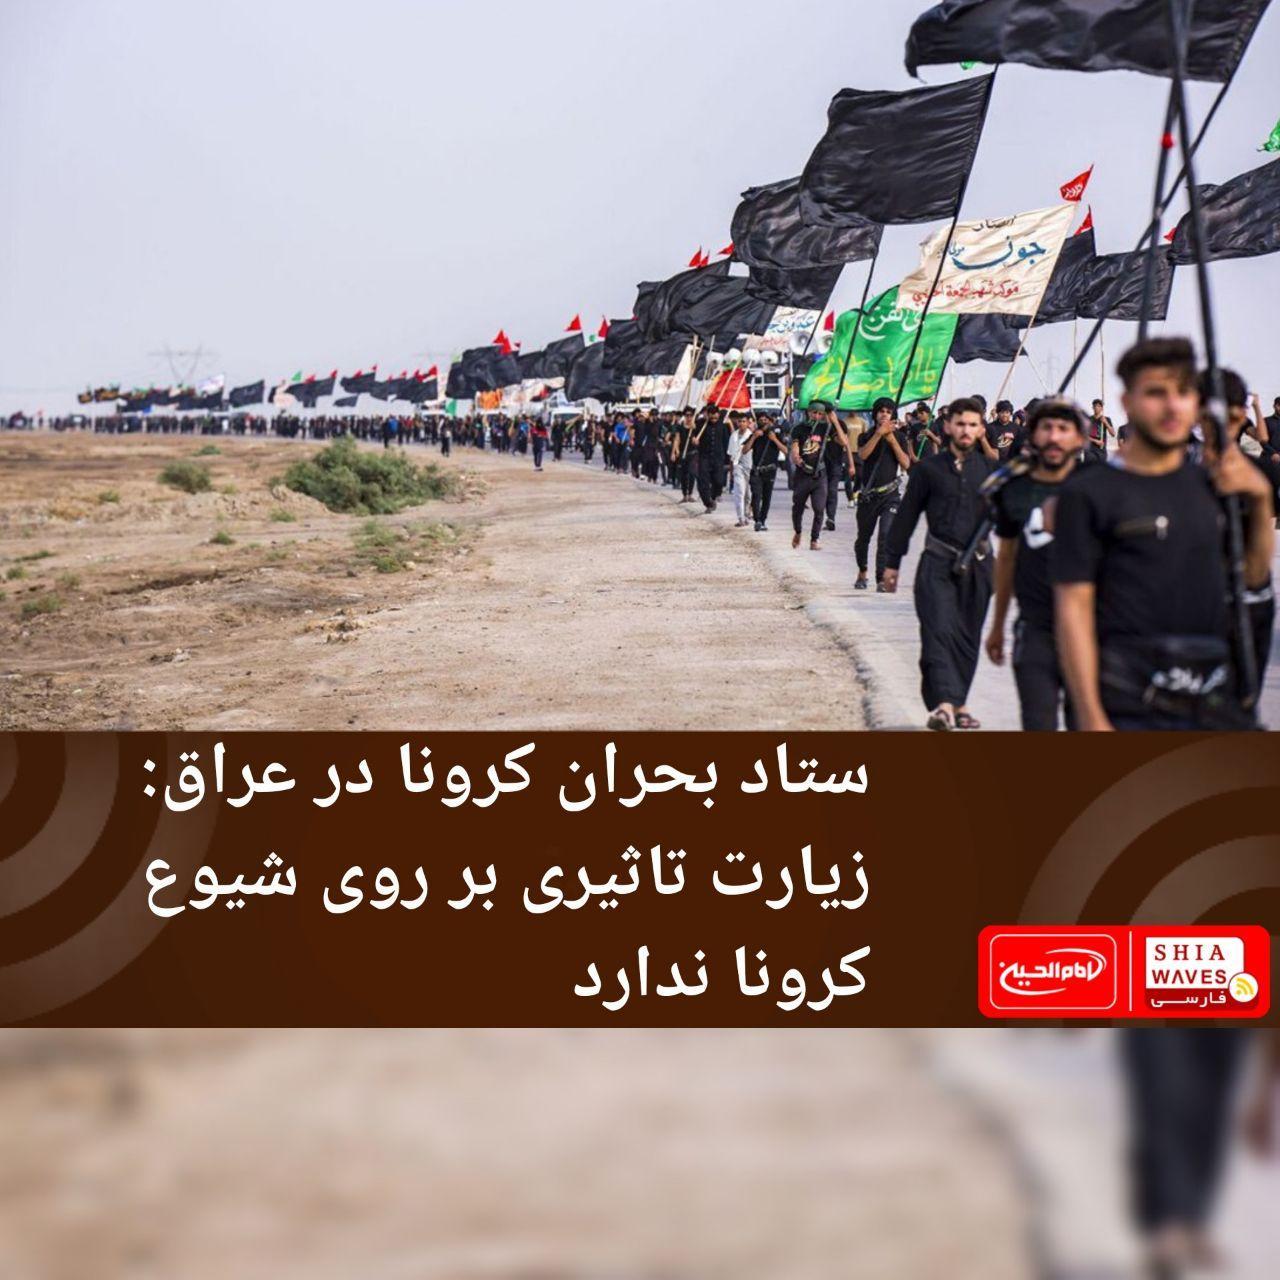 تصویر ستاد بحران کرونا در عراق: زیارت تاثیری بر روی شیوع کرونا ندارد